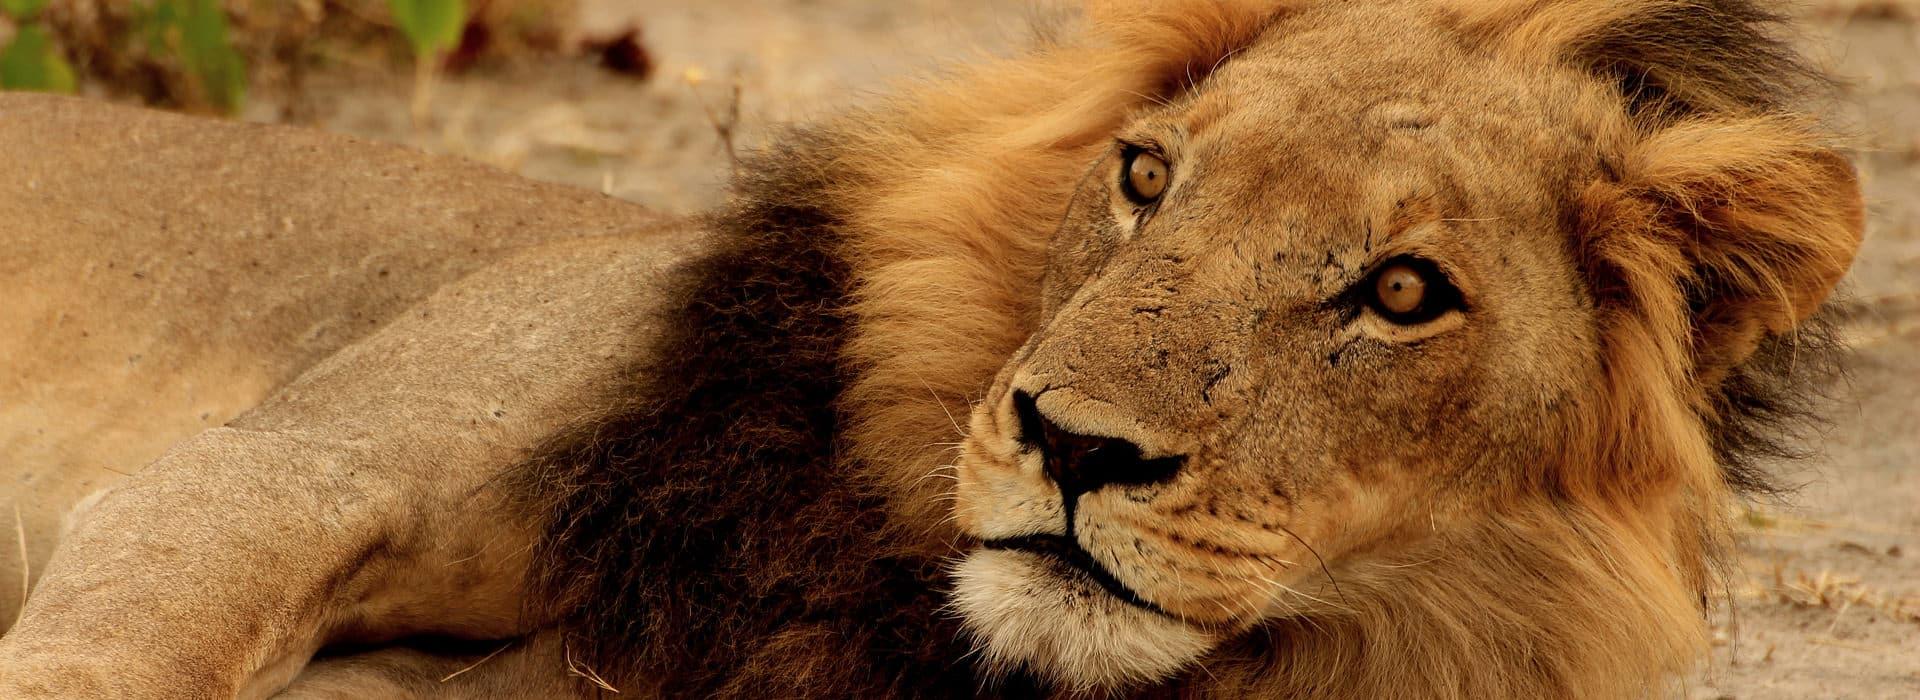 Männlicher Löwe schaut in Kamera